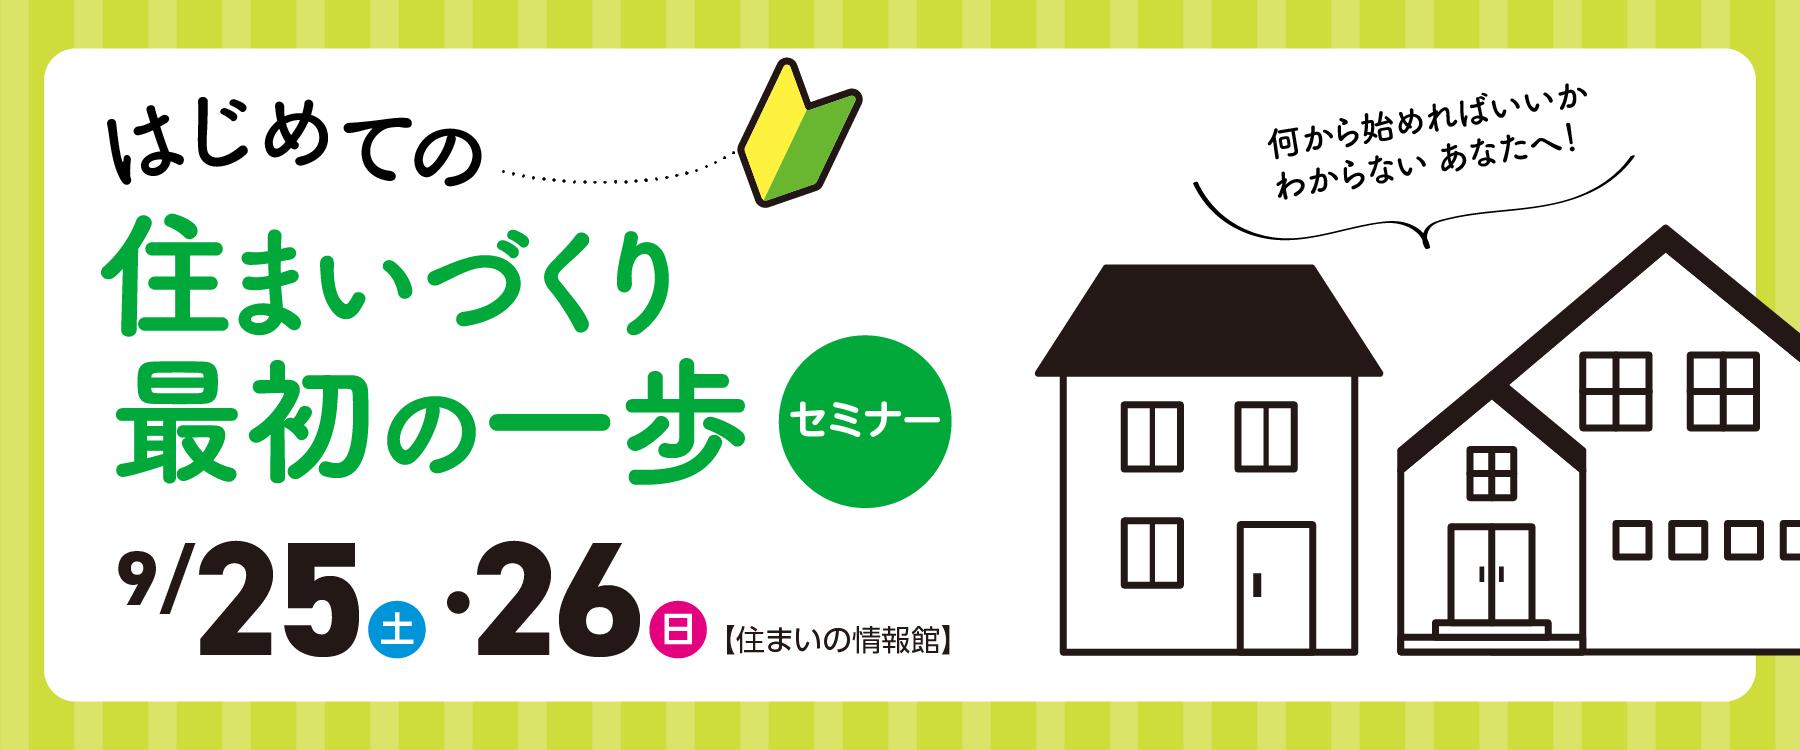 画像:9月25日(土)、26日(日)家が欲しくなったあなたへ 「はじめての住まいづくり、最初の一歩」セミナー